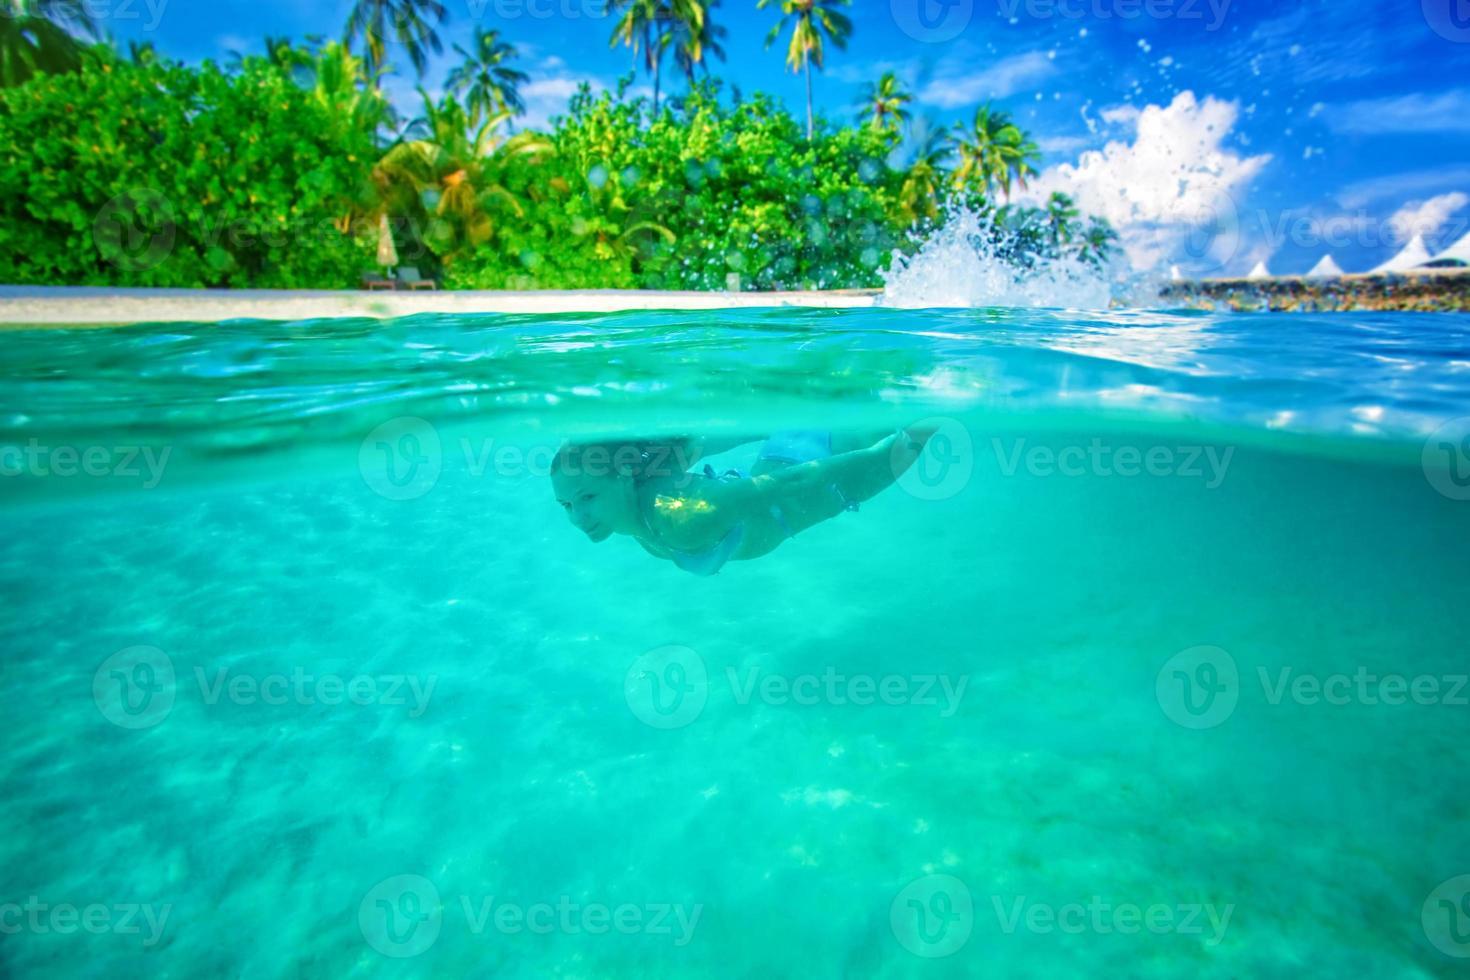 Enjoying marine life photo